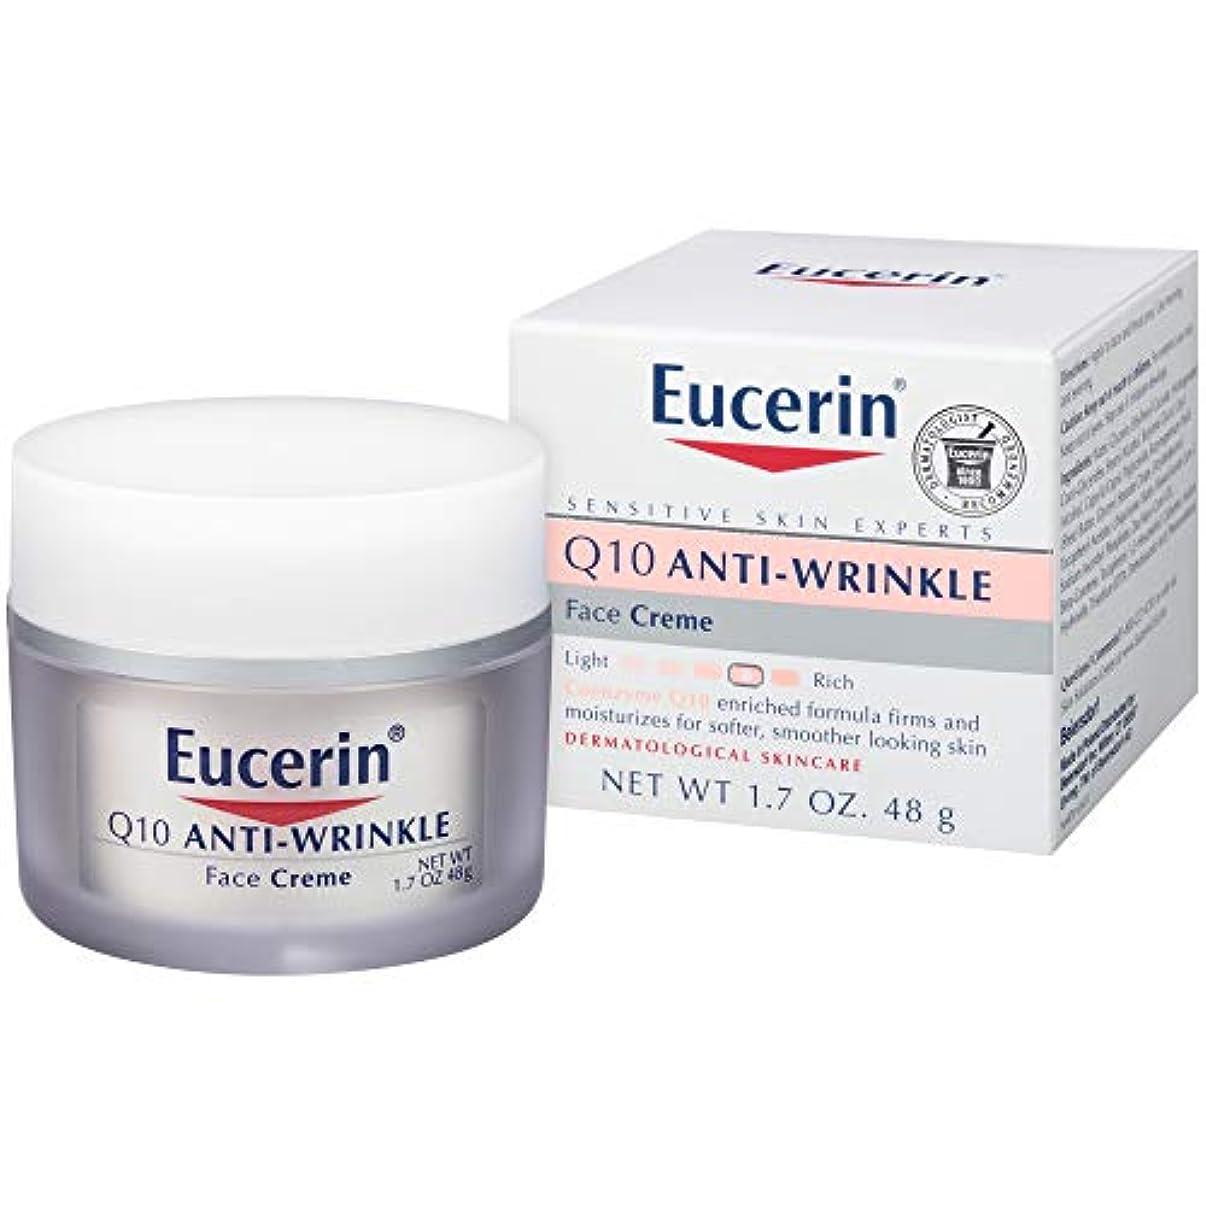 目指すブラスト笑Eucerin Sensitive Facial Skin Q10 Anti-Wrinkle Sensitive Skin Creme 48g (並行輸入品)